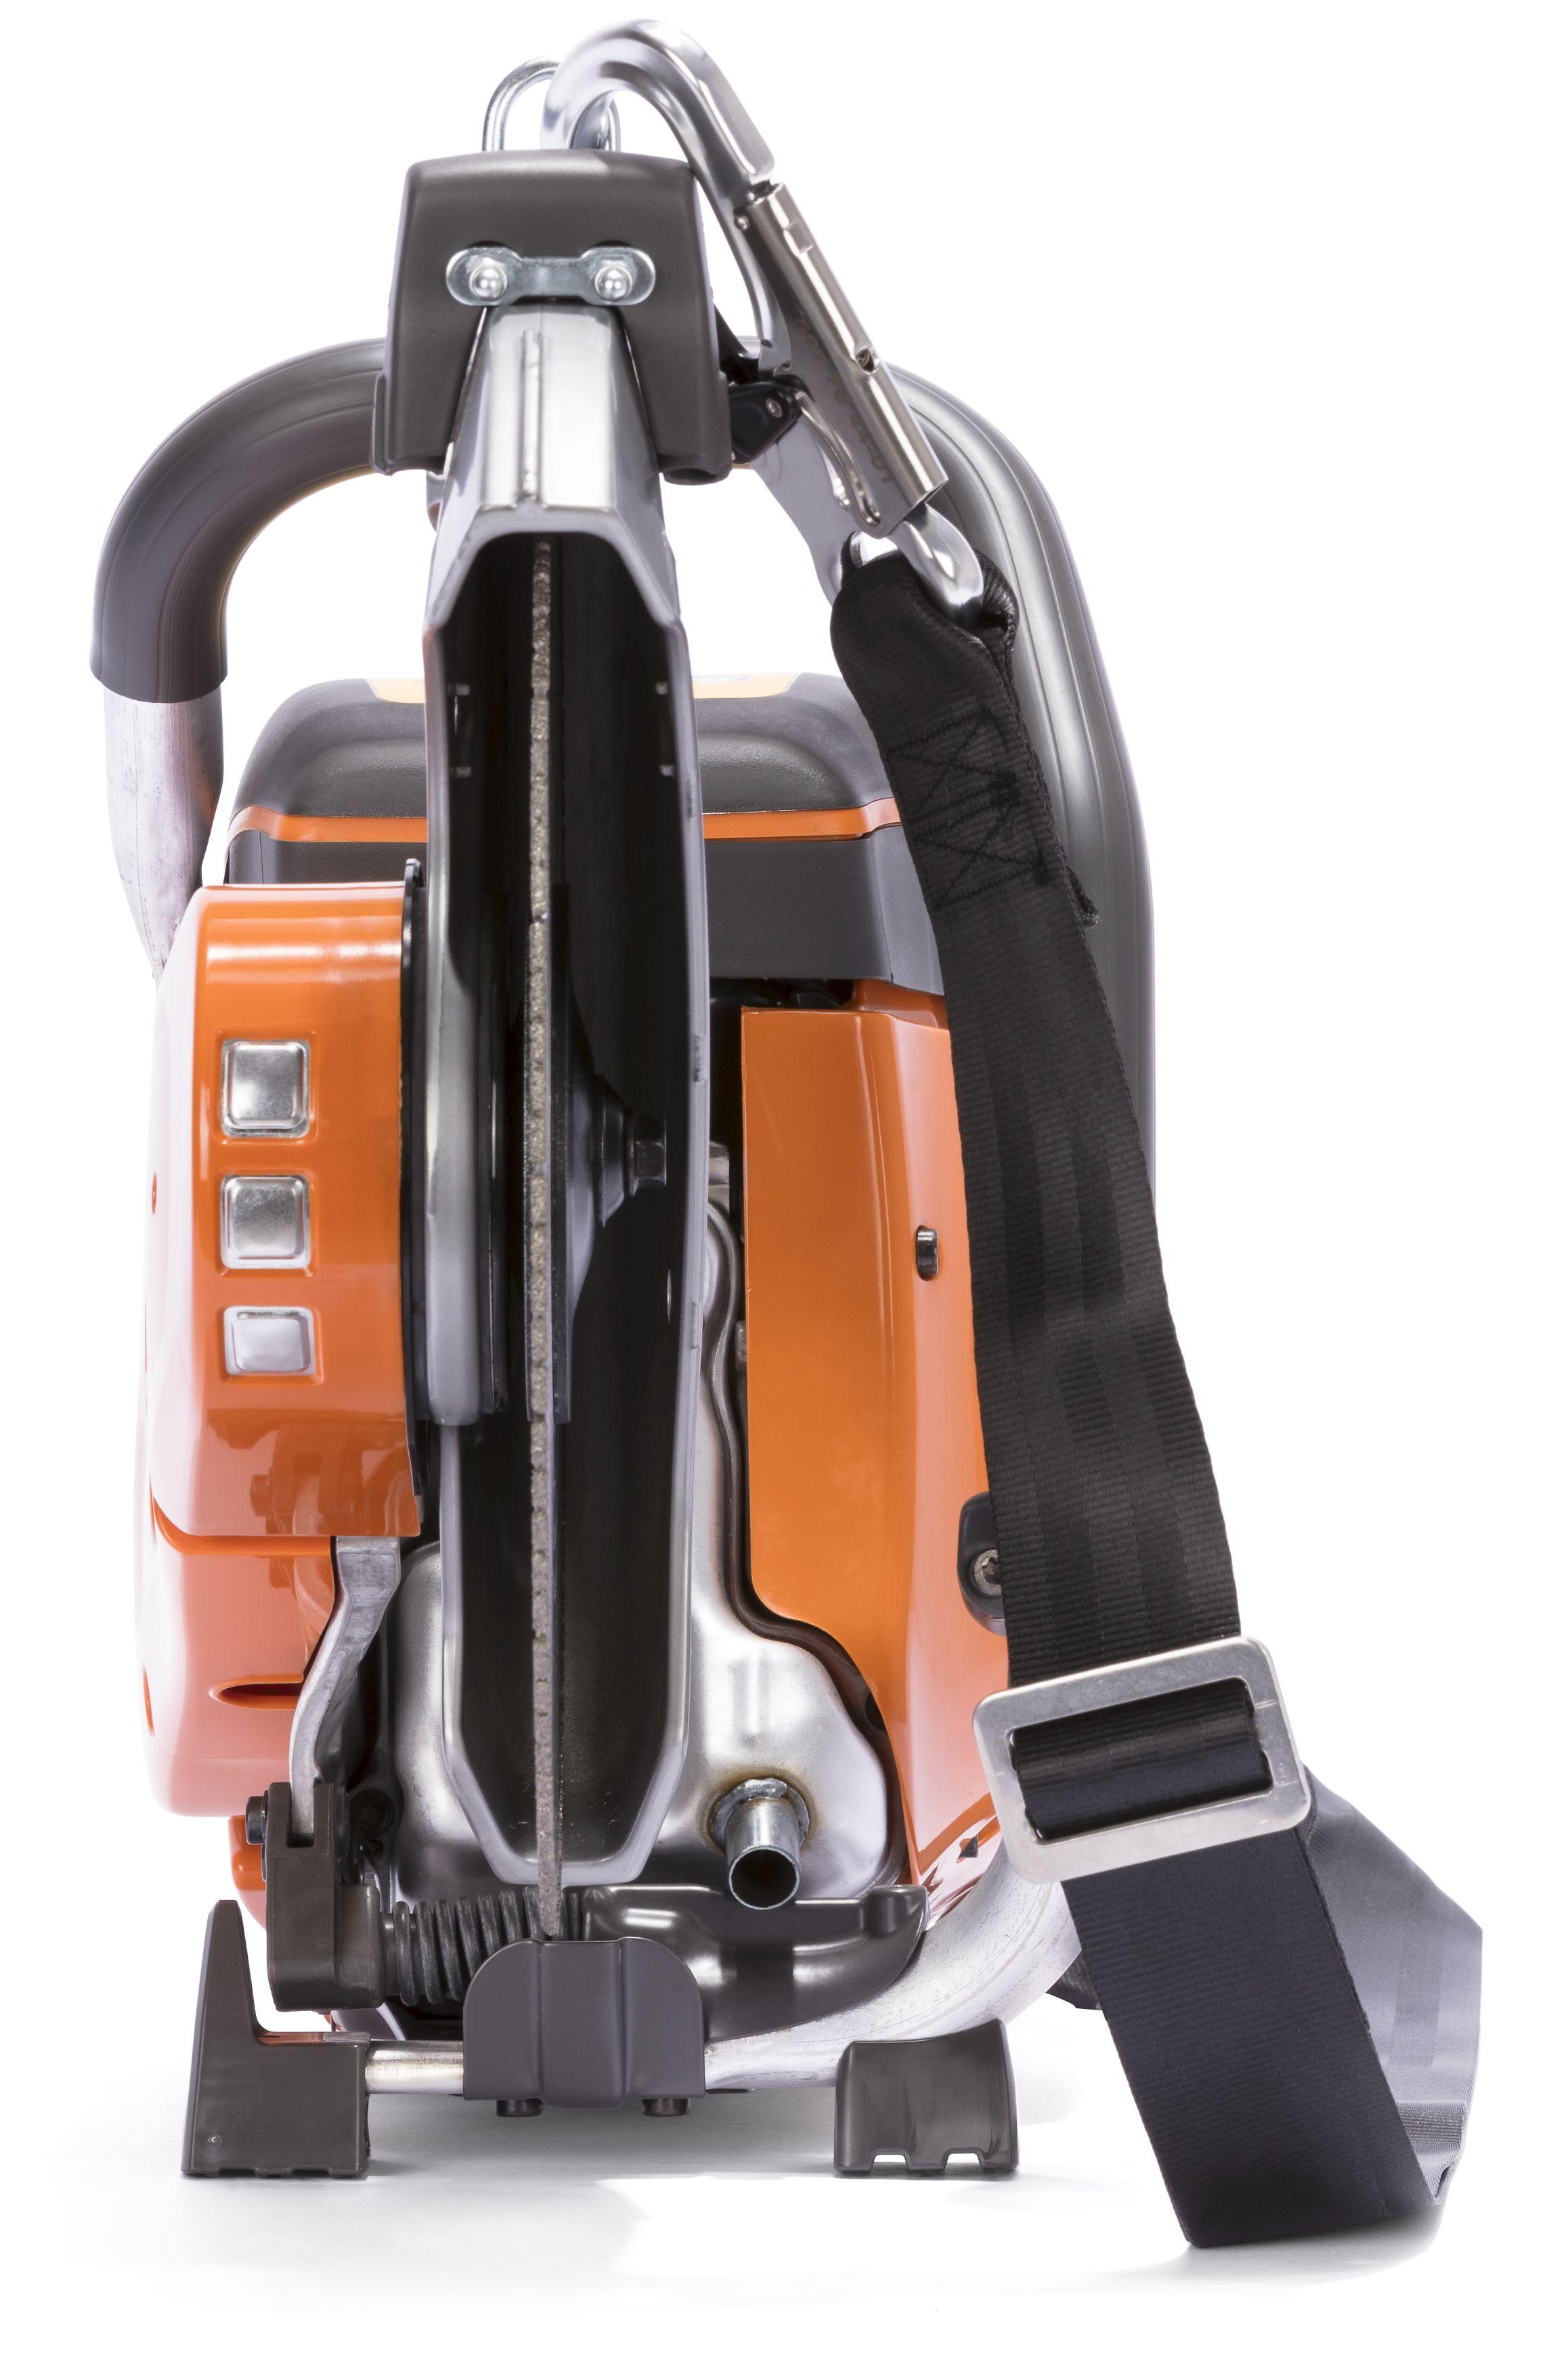 """Oranžs Husqvarna spēka zāģis, modelis """"K 770 Rescue'', skats no priekšas"""